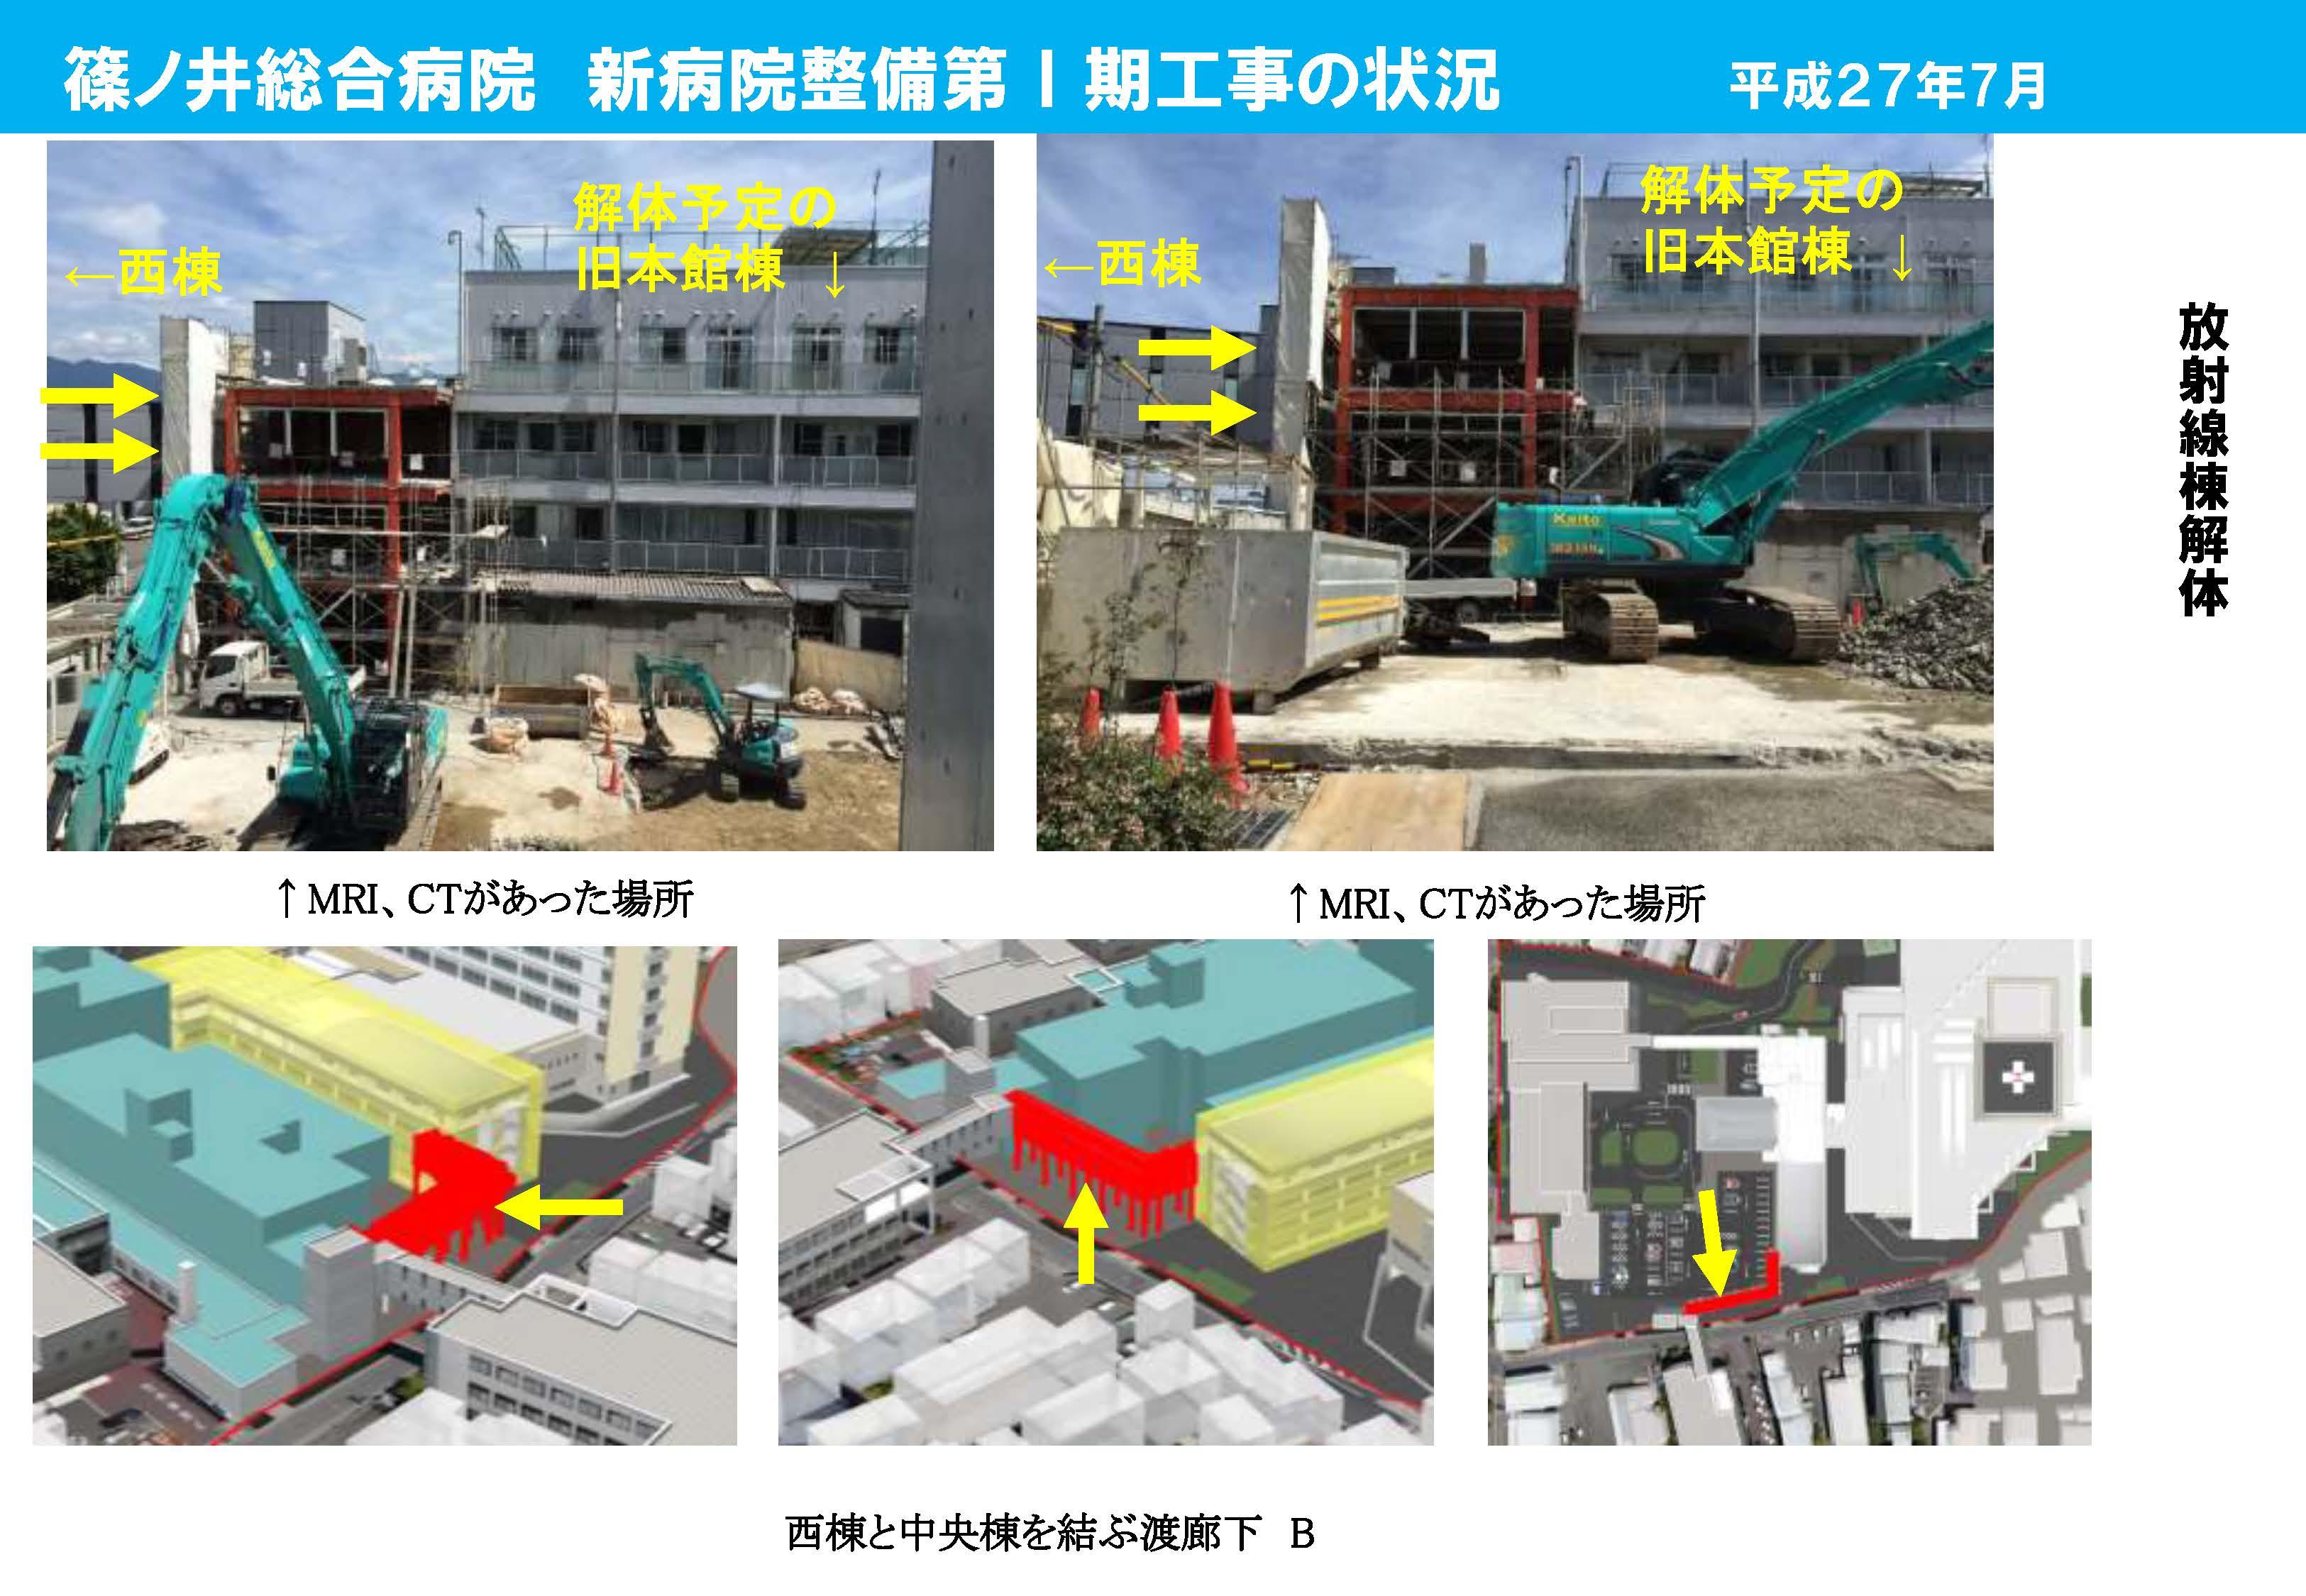 工事写真ニュース201507.1_ページ_6